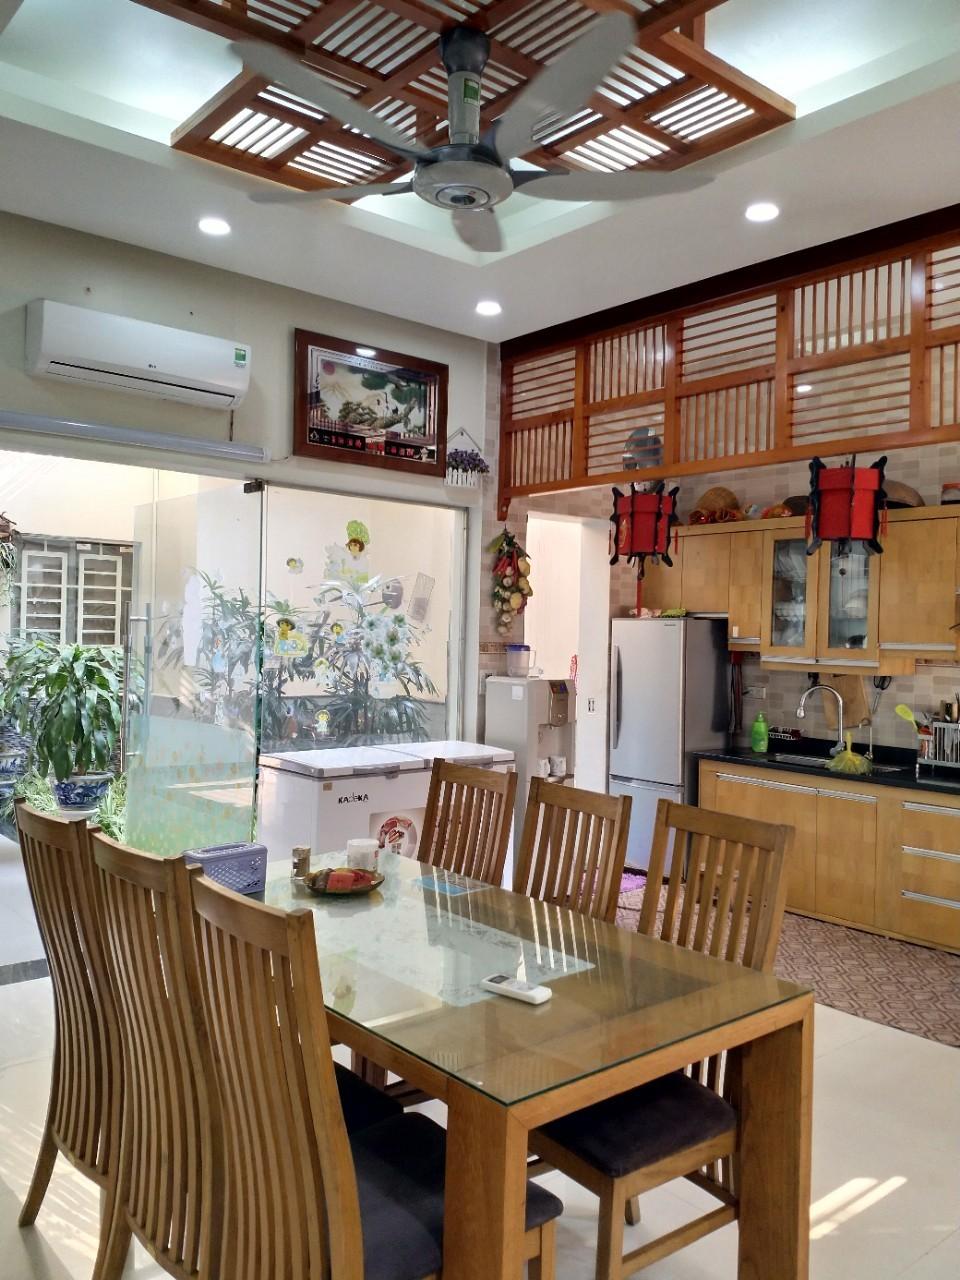 Địa chỉ bán quạt trần tại Đà Nẵng